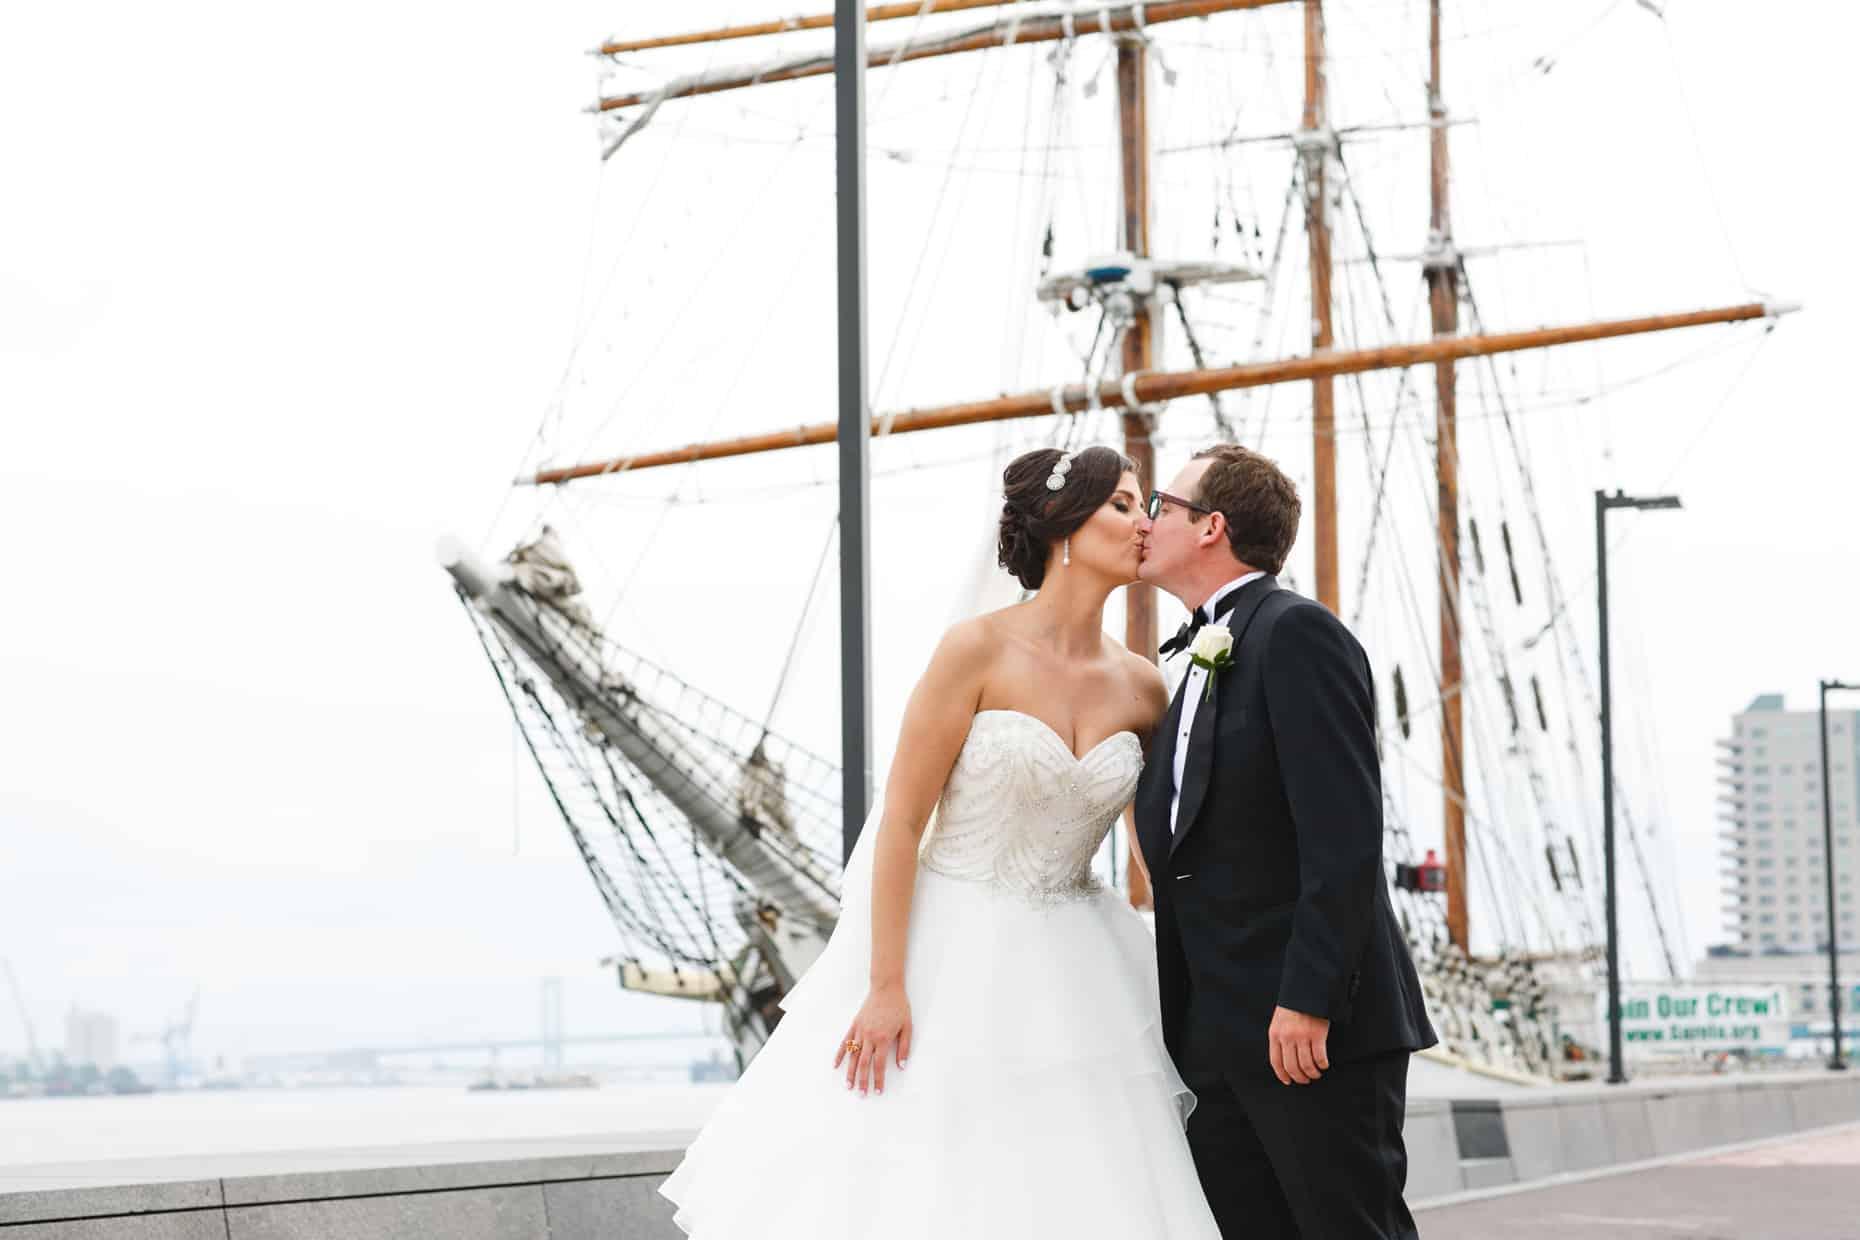 Old City Philadelphia Wedding Picture